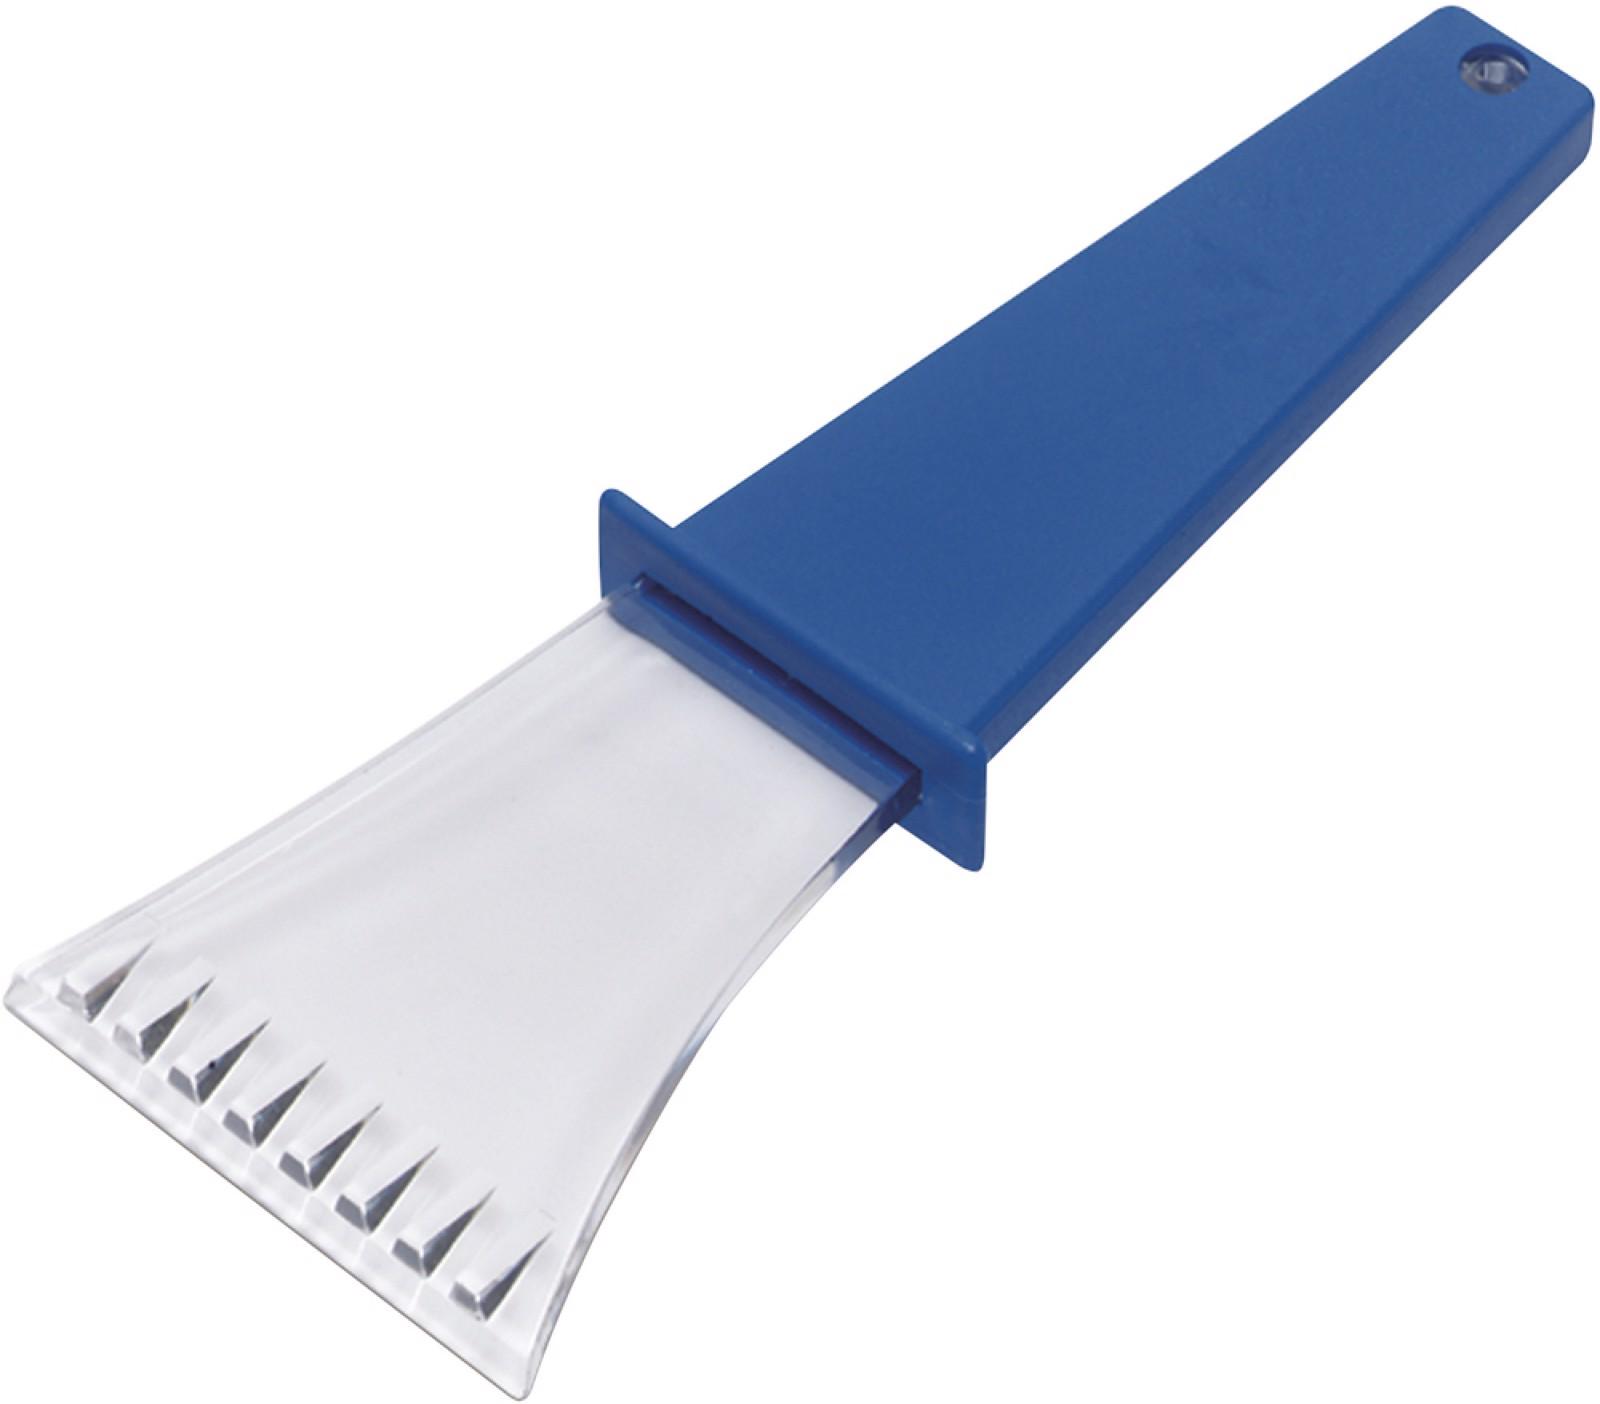 PP Ice scraper - Cobalt Blue